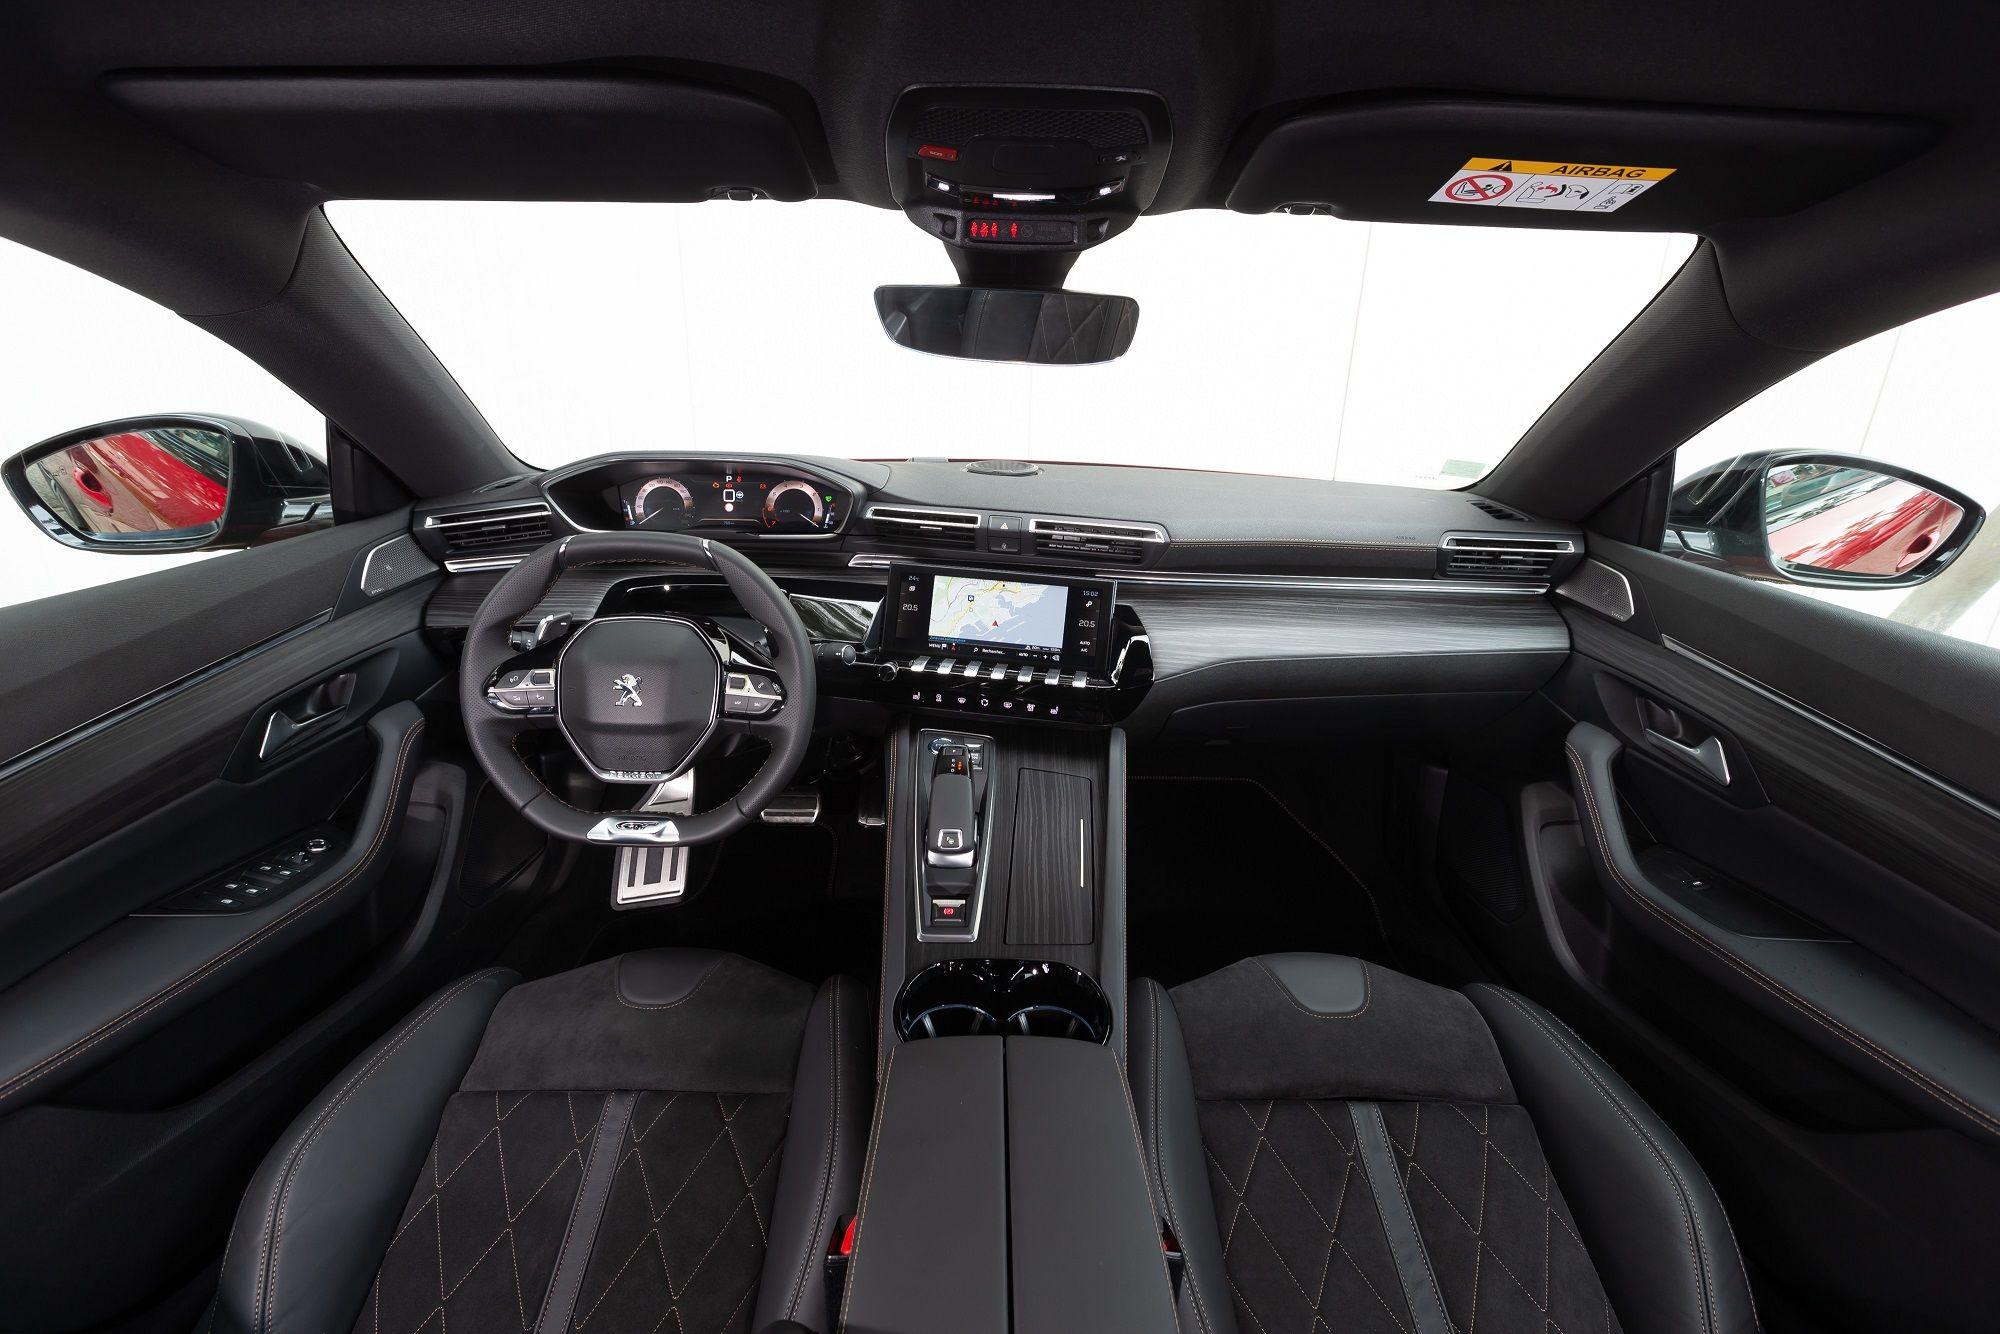 El Nuevo Peugeot 508 estimula los sentidos con su puesto de conducción i-Cockpit® Amplify